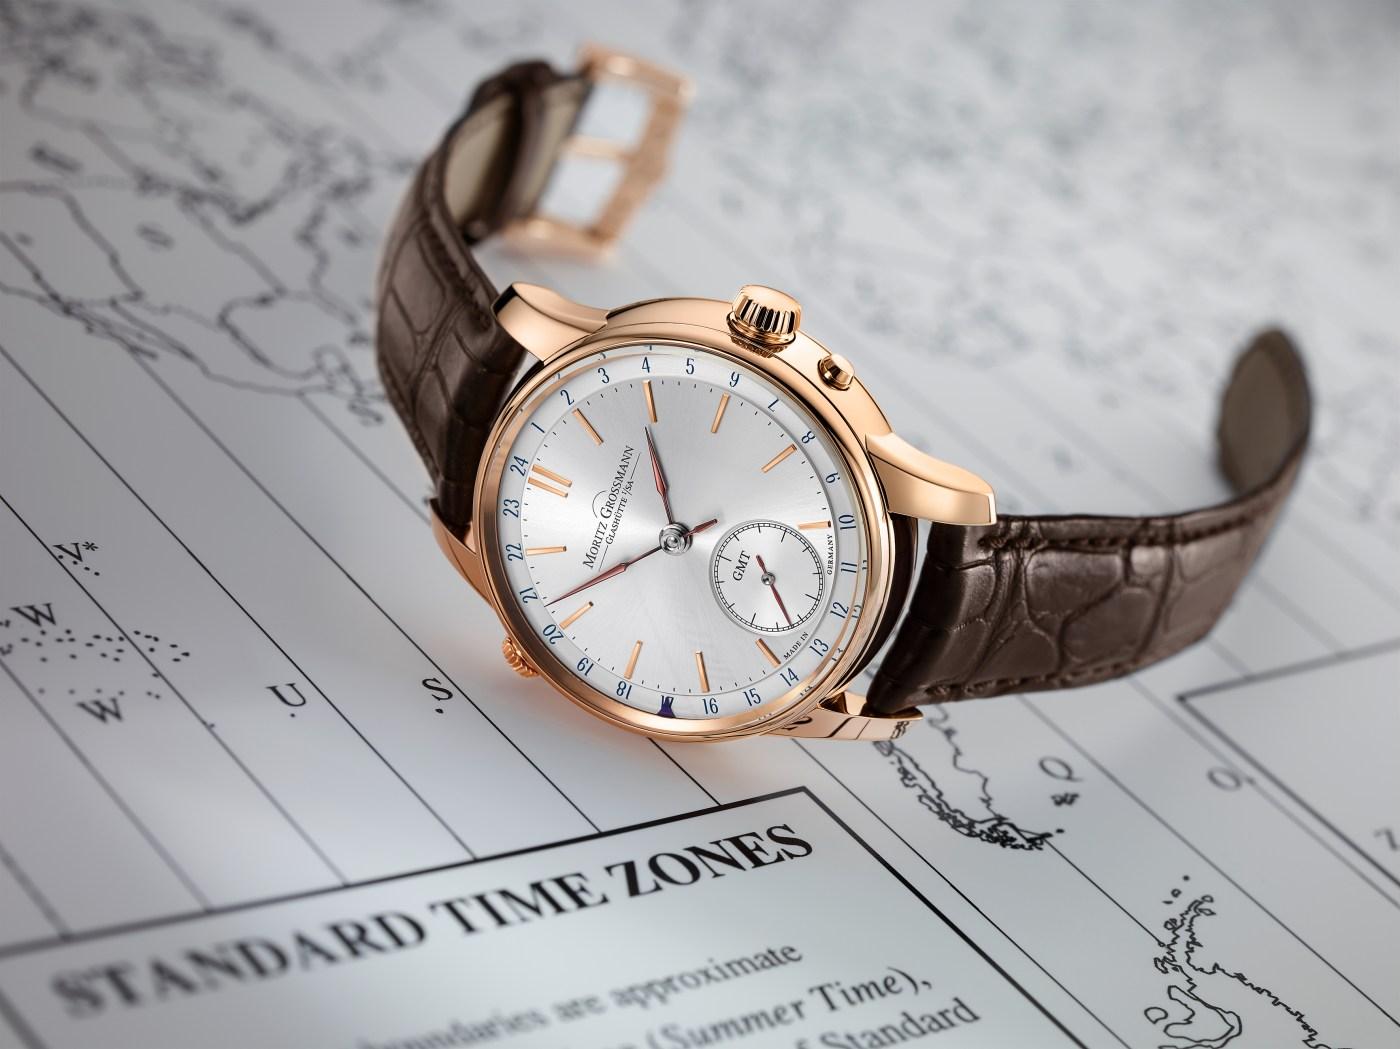 Moritz Grossmann GMT rose gold